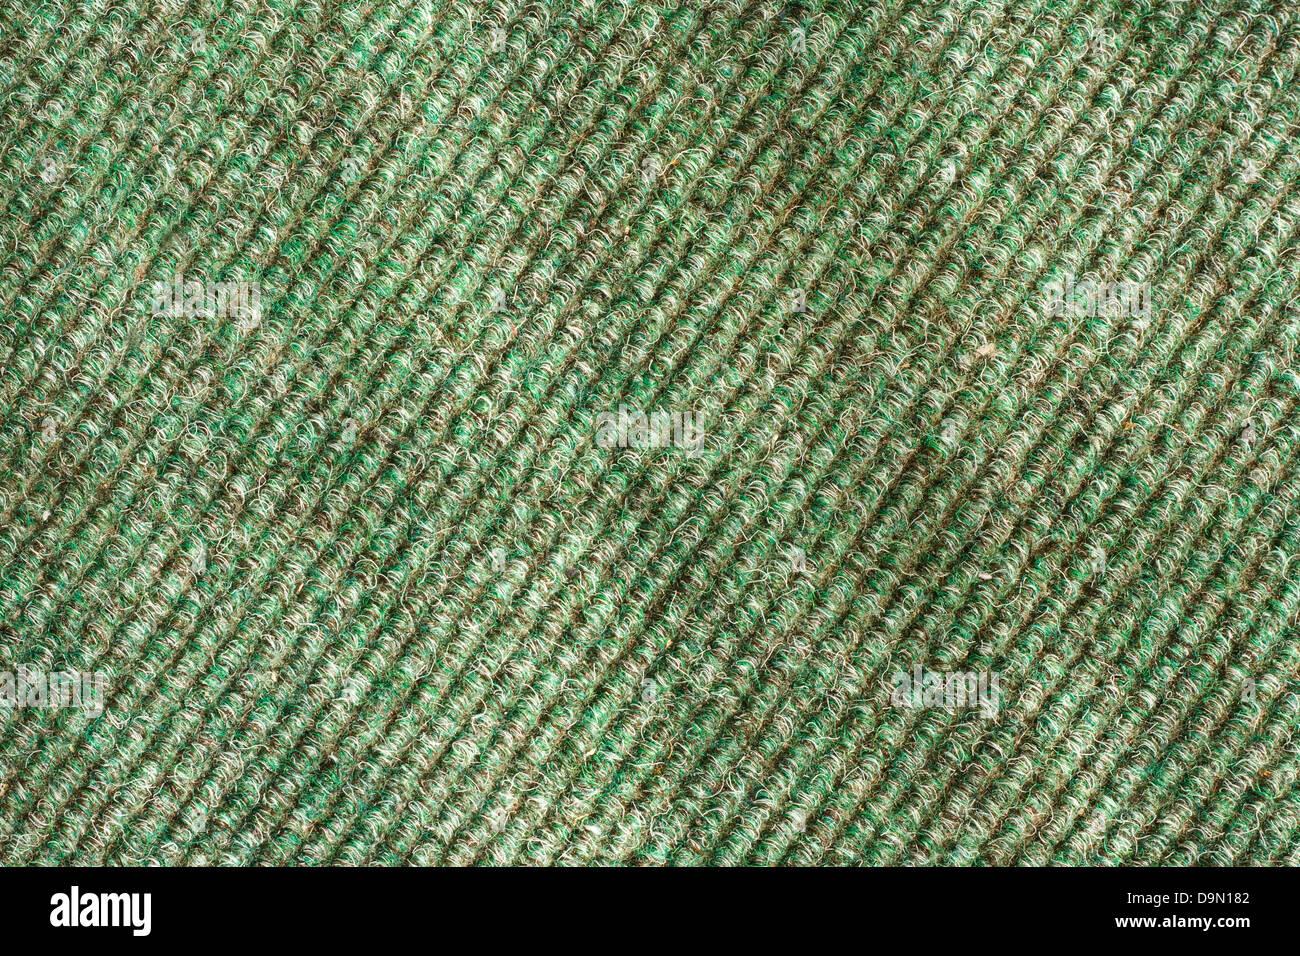 green hard wearing twist carpet texture often found on office floors - Stock Image